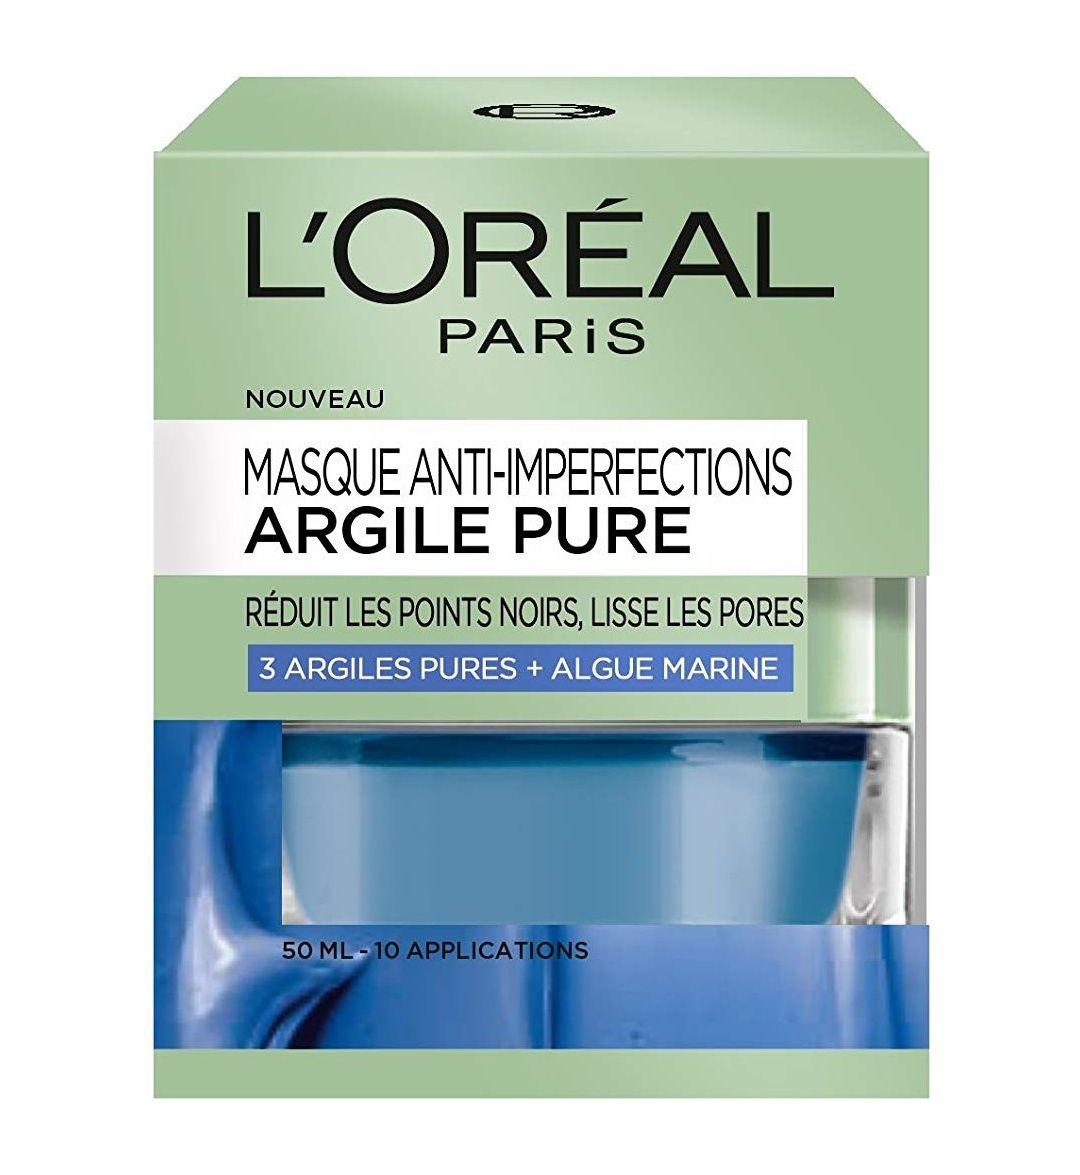 Masque anti-imperfections argile pure de L'Oréal